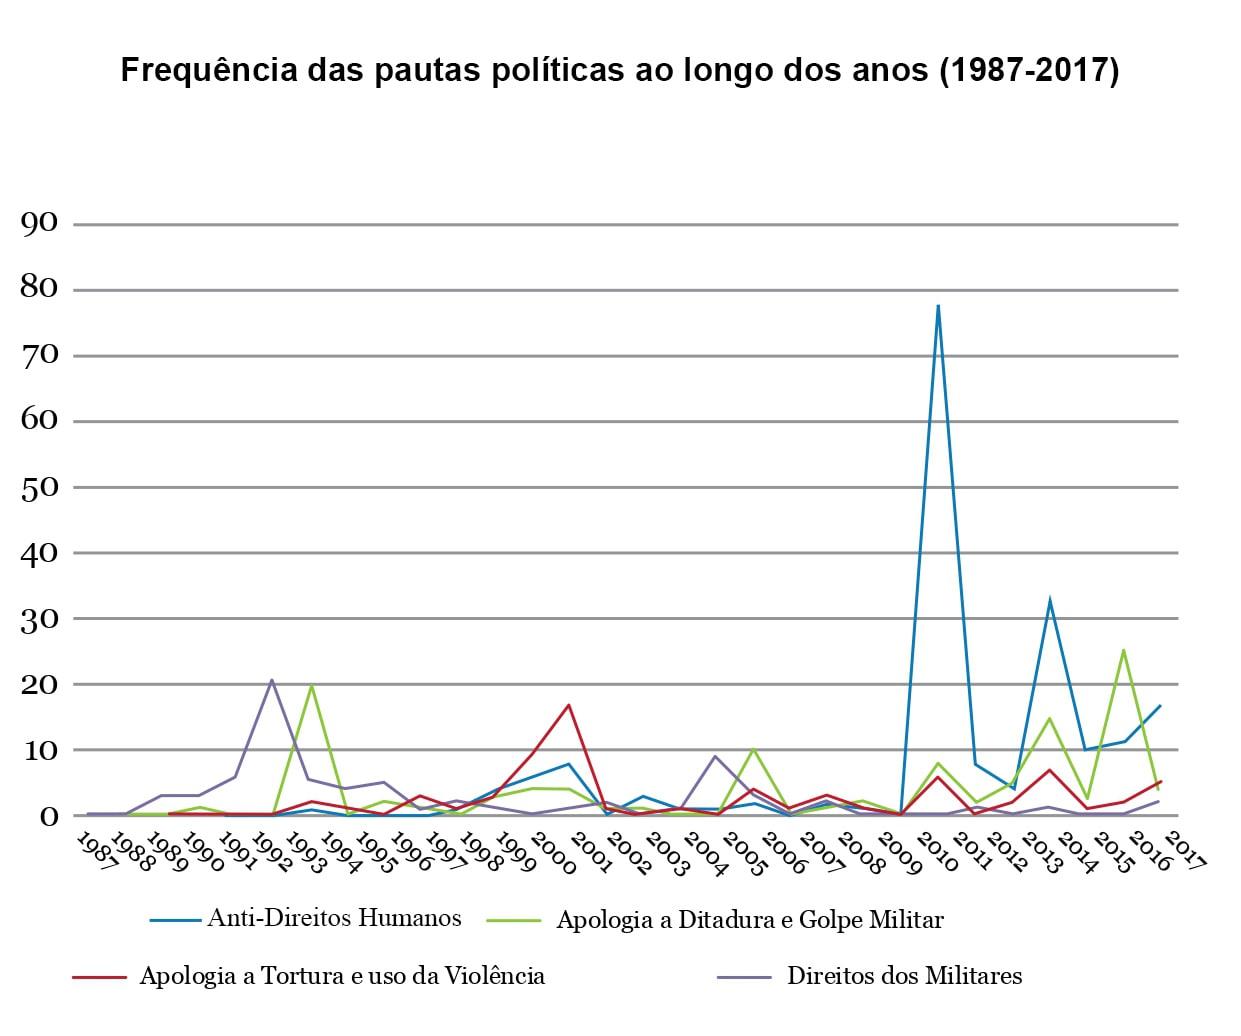 Pautas políticas de Jair Bolsonaro repercutidas na imprensa